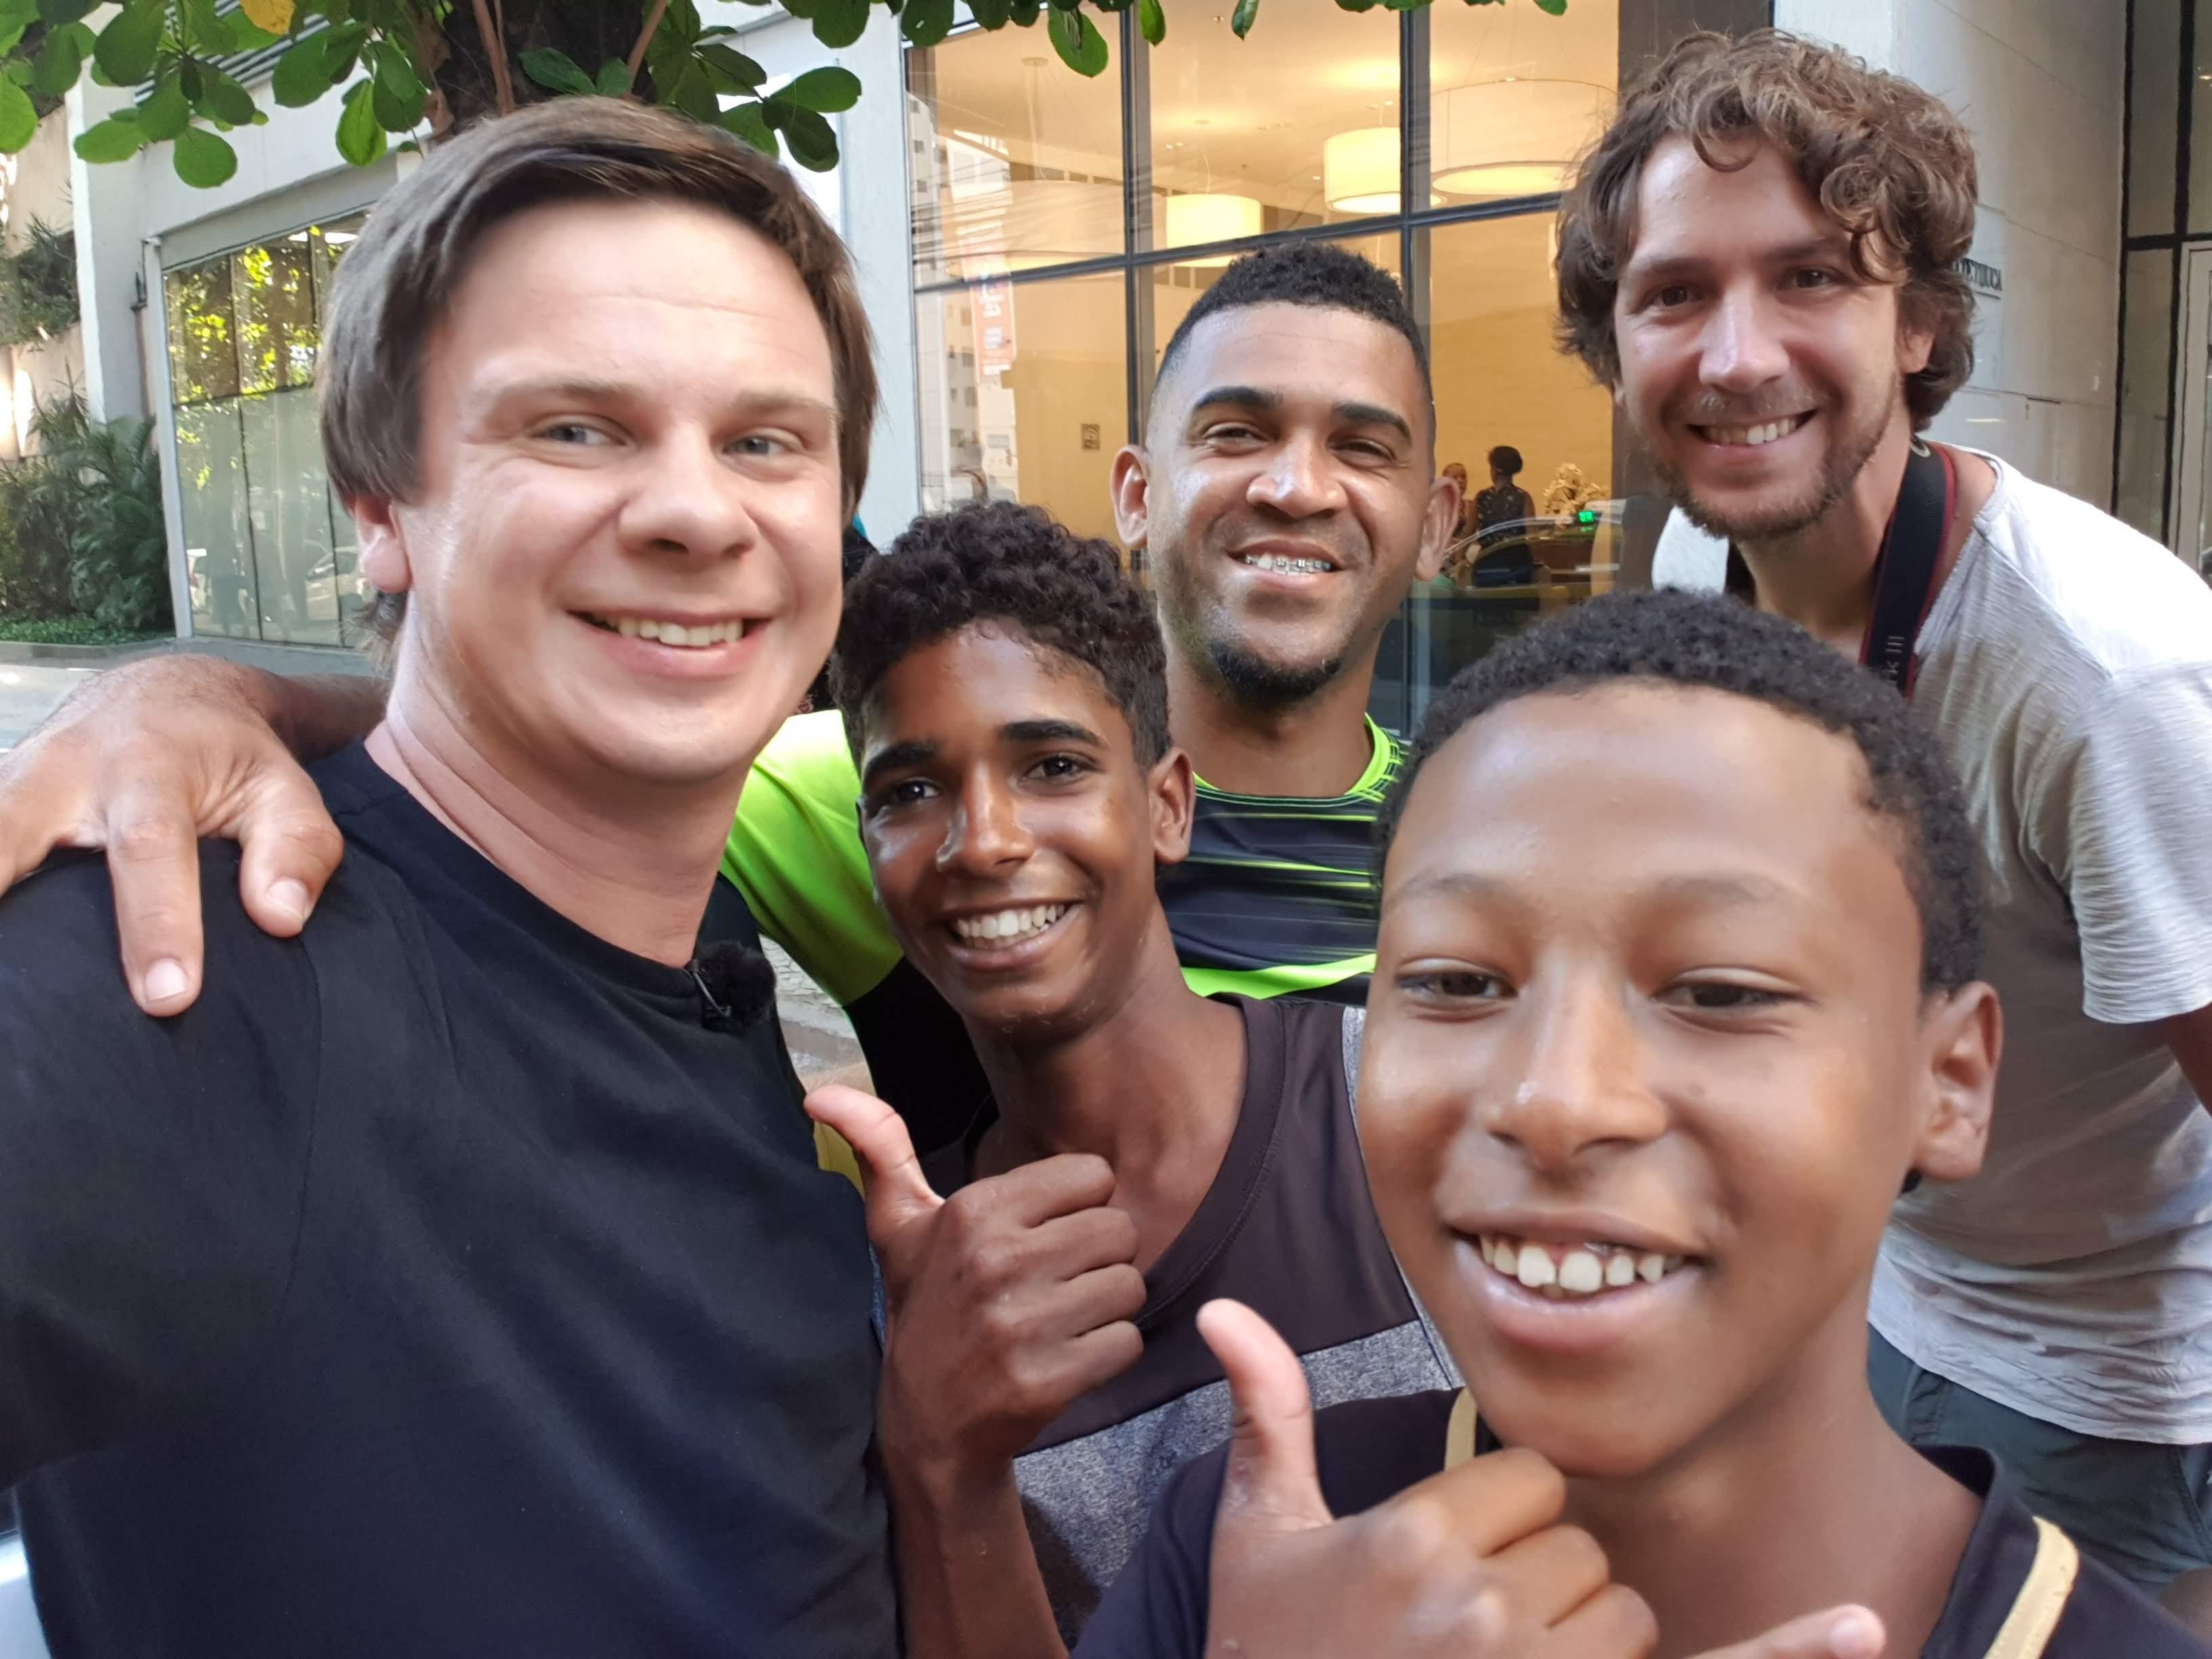 Дмитрий Комаров покажет, как изменилась жизнь мальчиков из фавел, ставших футболистами